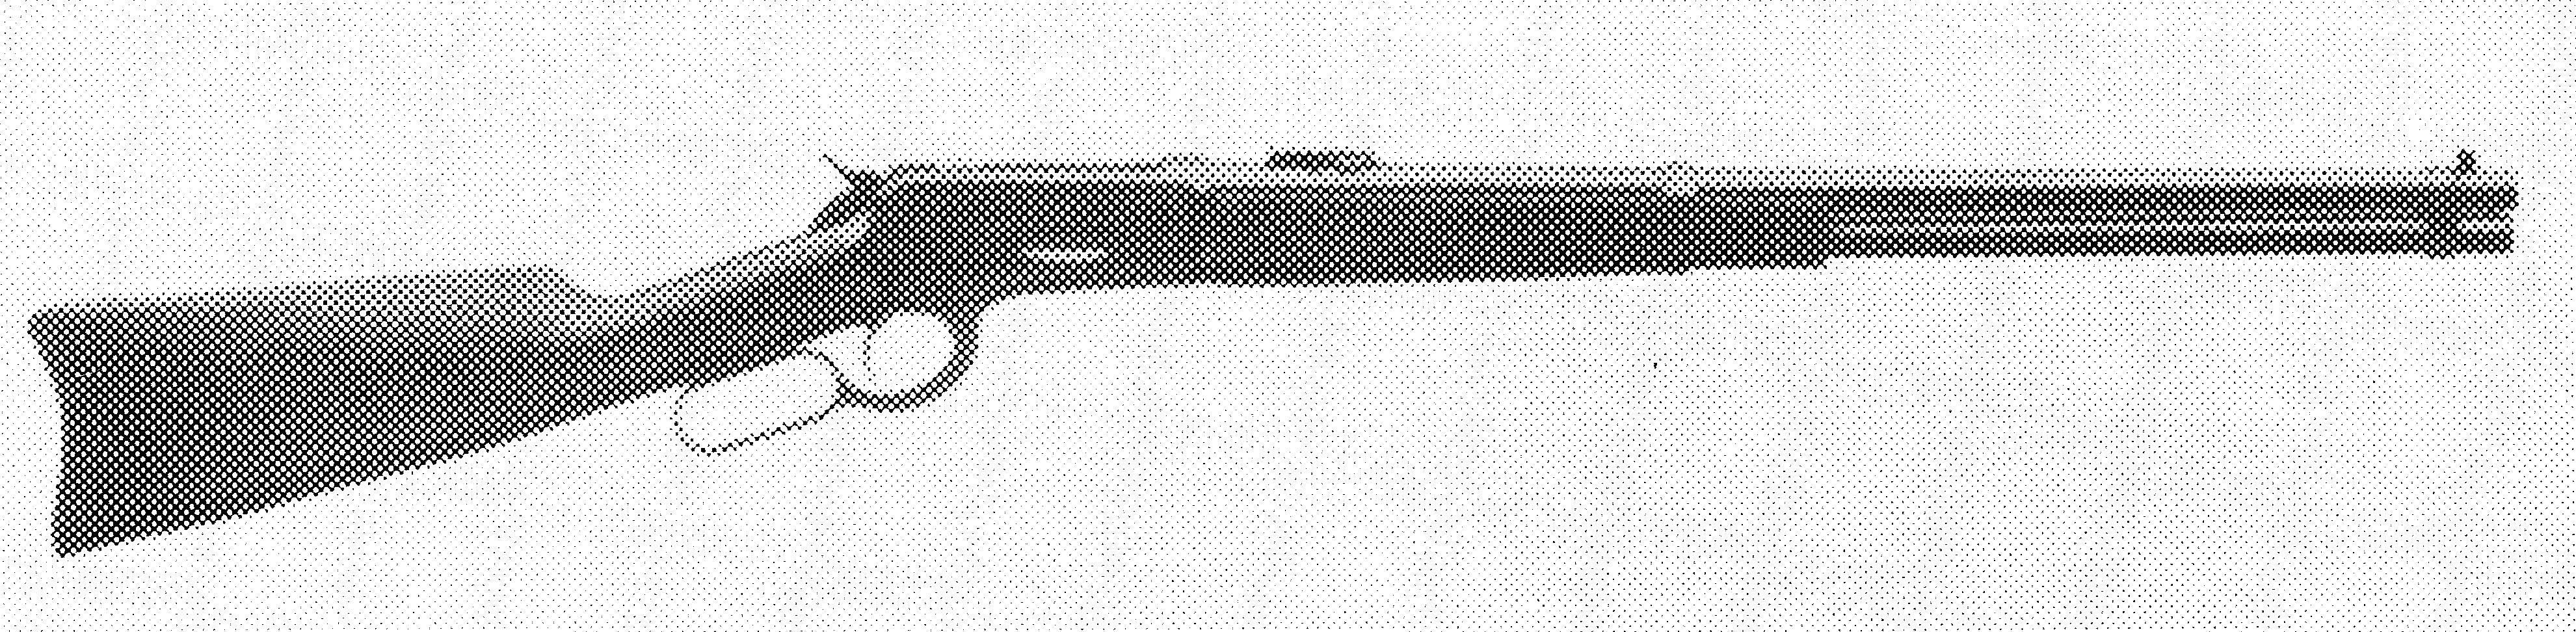 Model 1886 Grade I